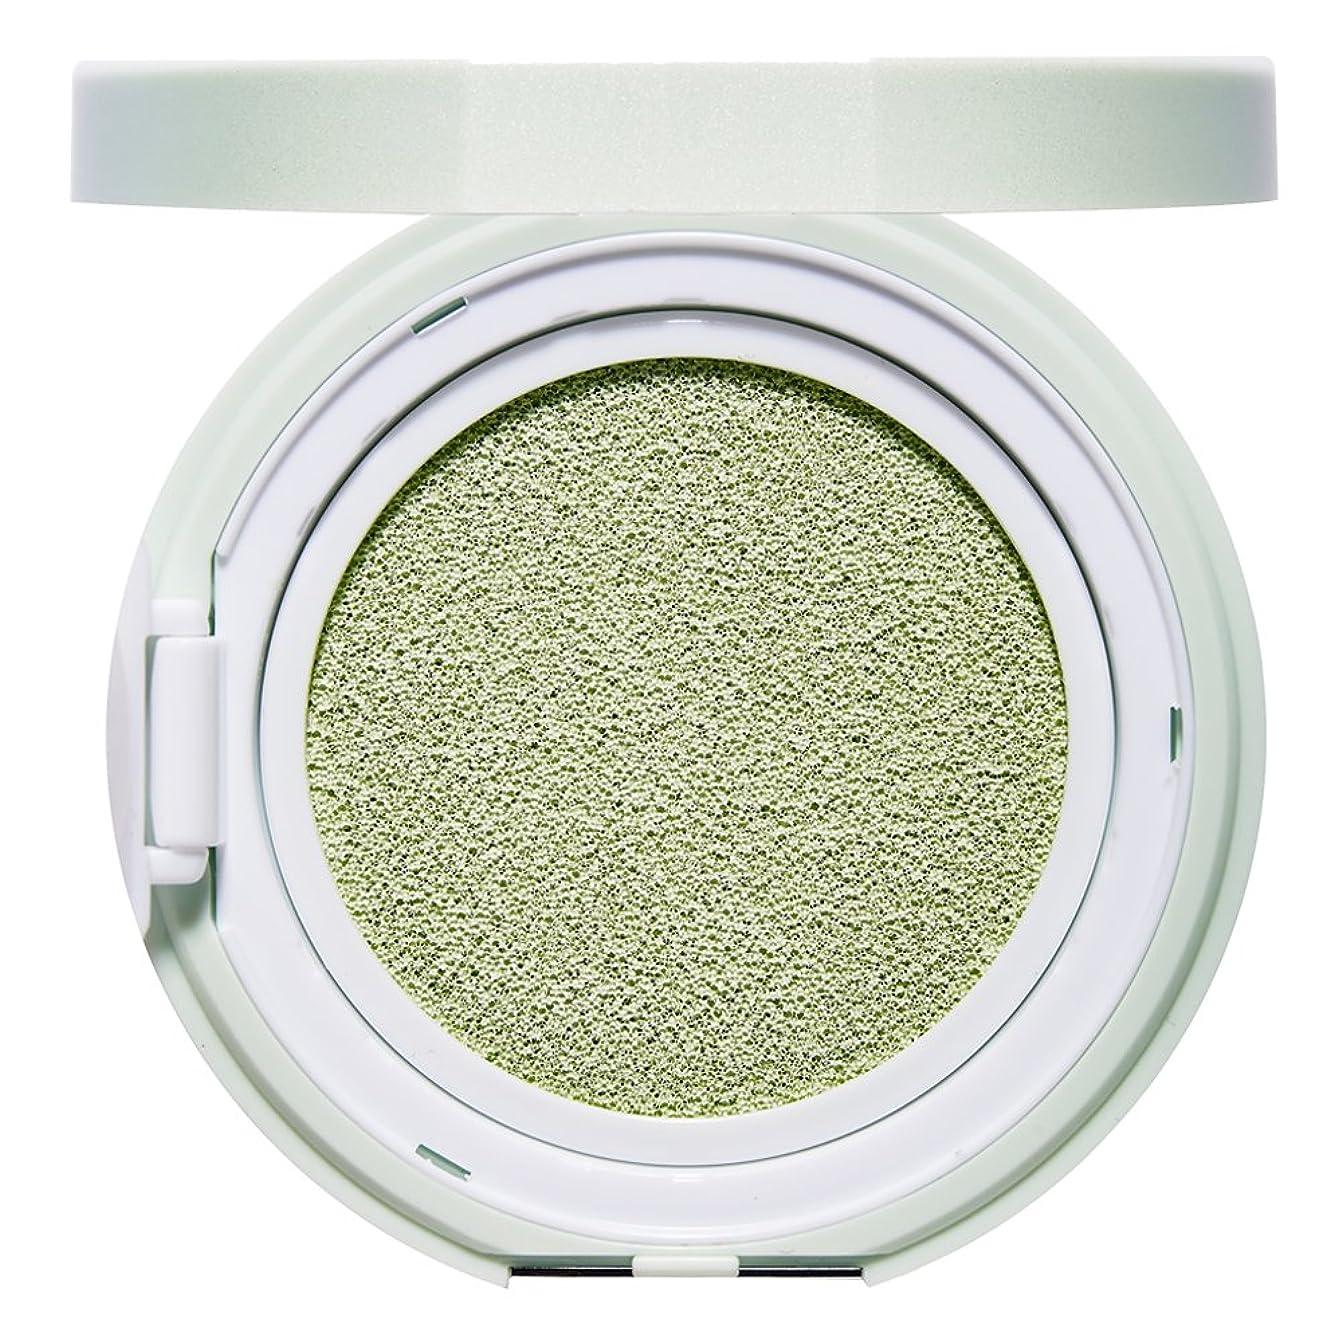 シャワー広い以来エチュードハウス(ETUDE HOUSE) エニークッション カラーコレクター Mint[化粧下地、コントロールカラー、緑、グリーン]